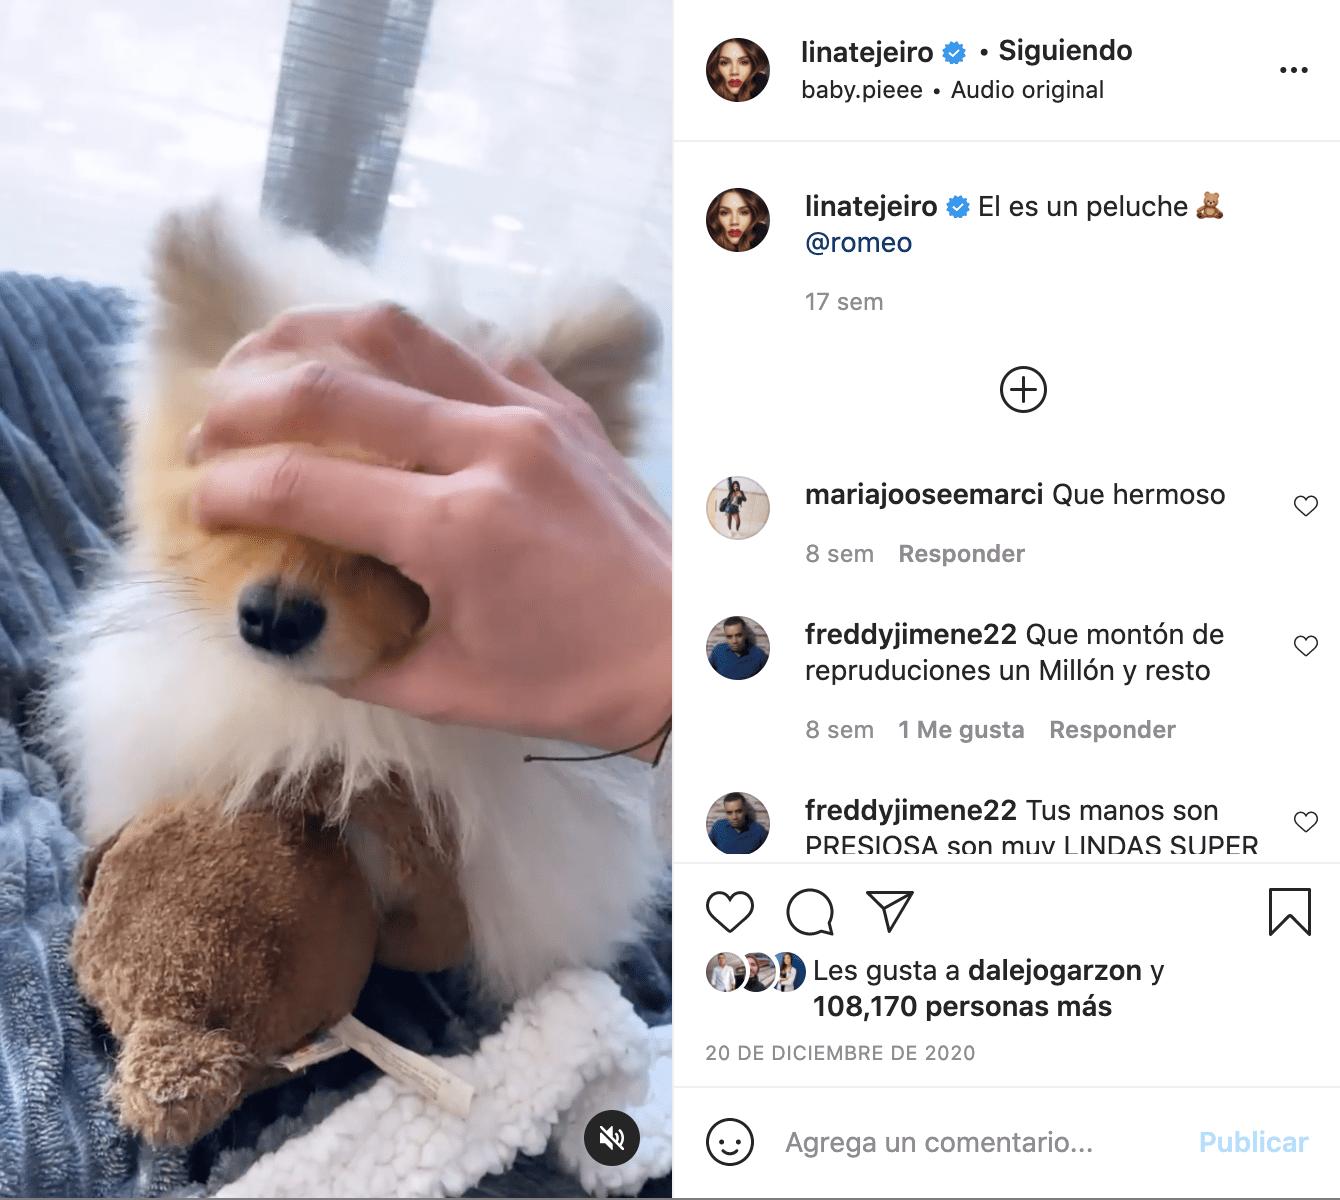 Lina Tejeiro mascotas